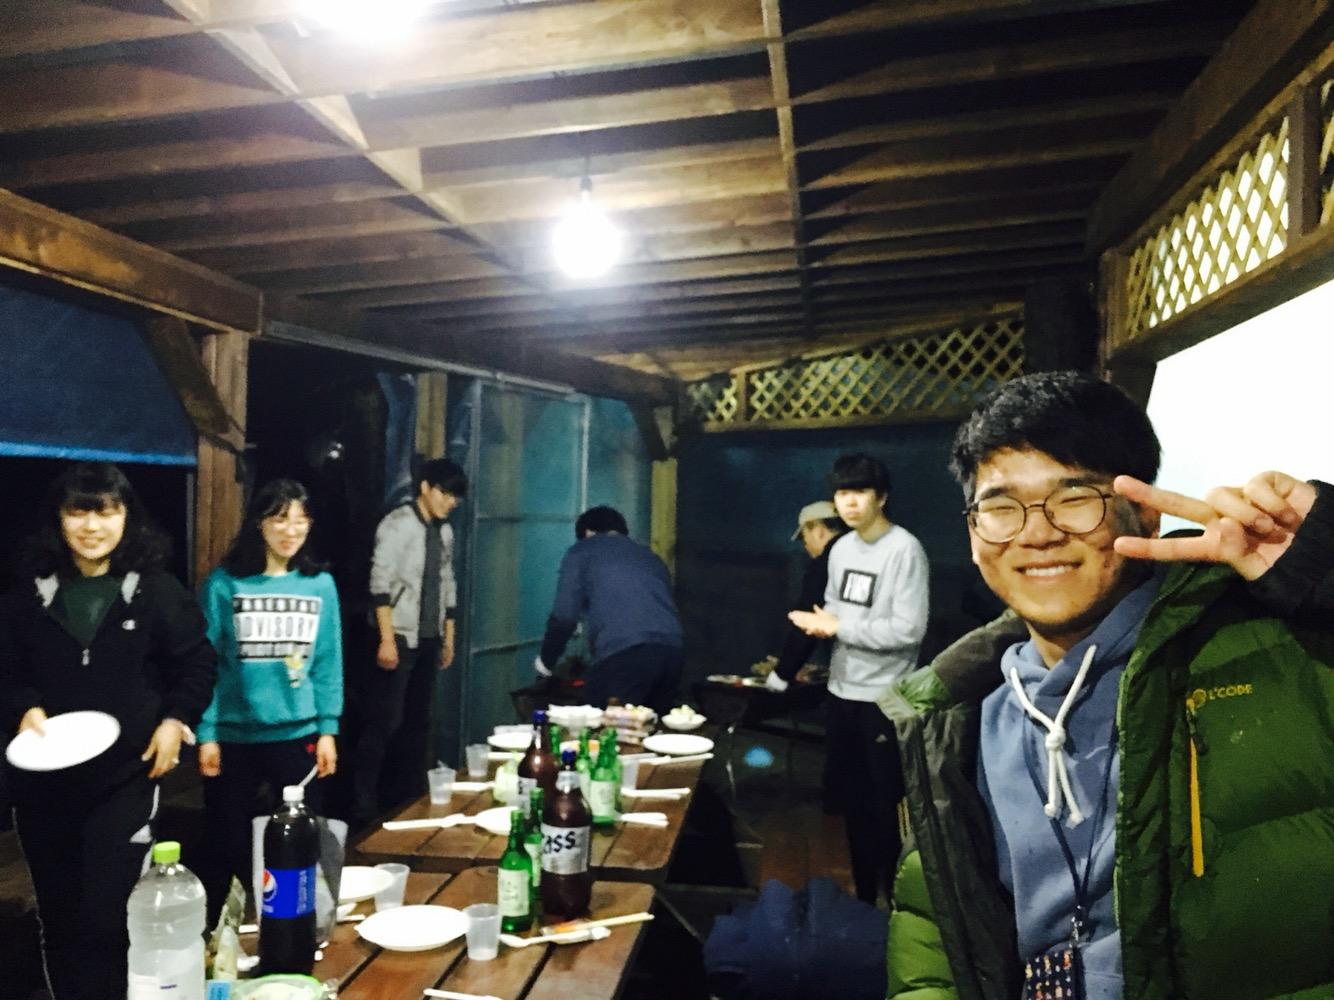 2016.02.12_김해롯데워터파크 MT (35).JPG